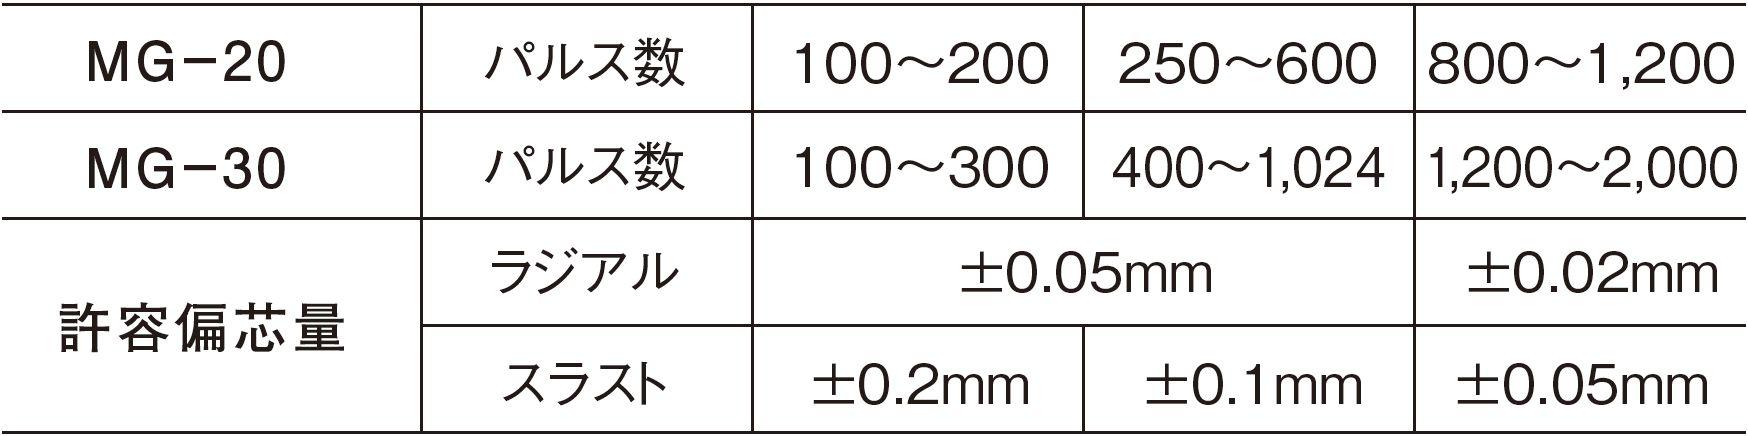 MG-20シリーズ